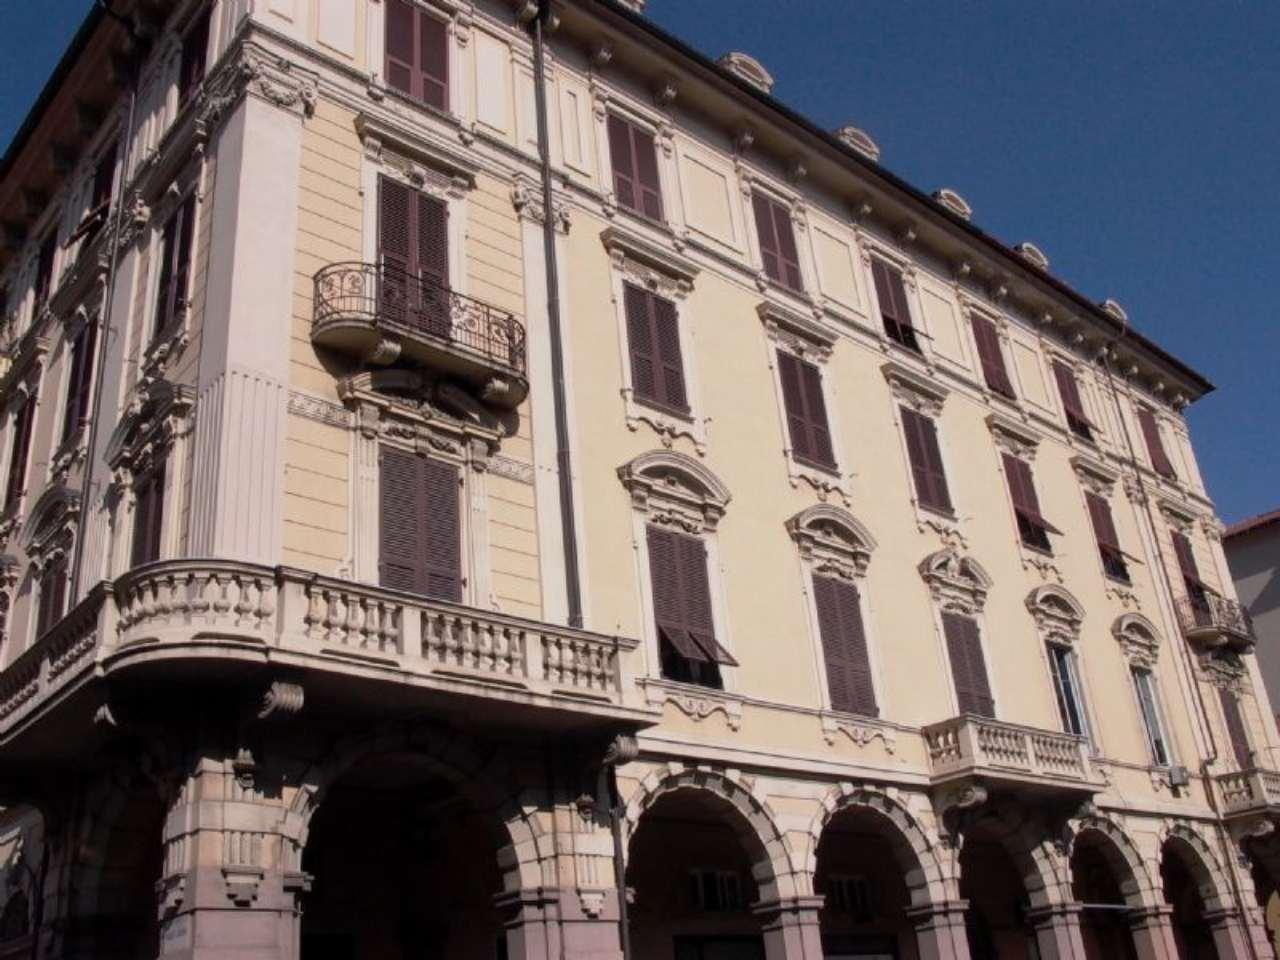 Attico / Mansarda in vendita a Chiavari, 4 locali, prezzo € 320.000   Cambio Casa.it